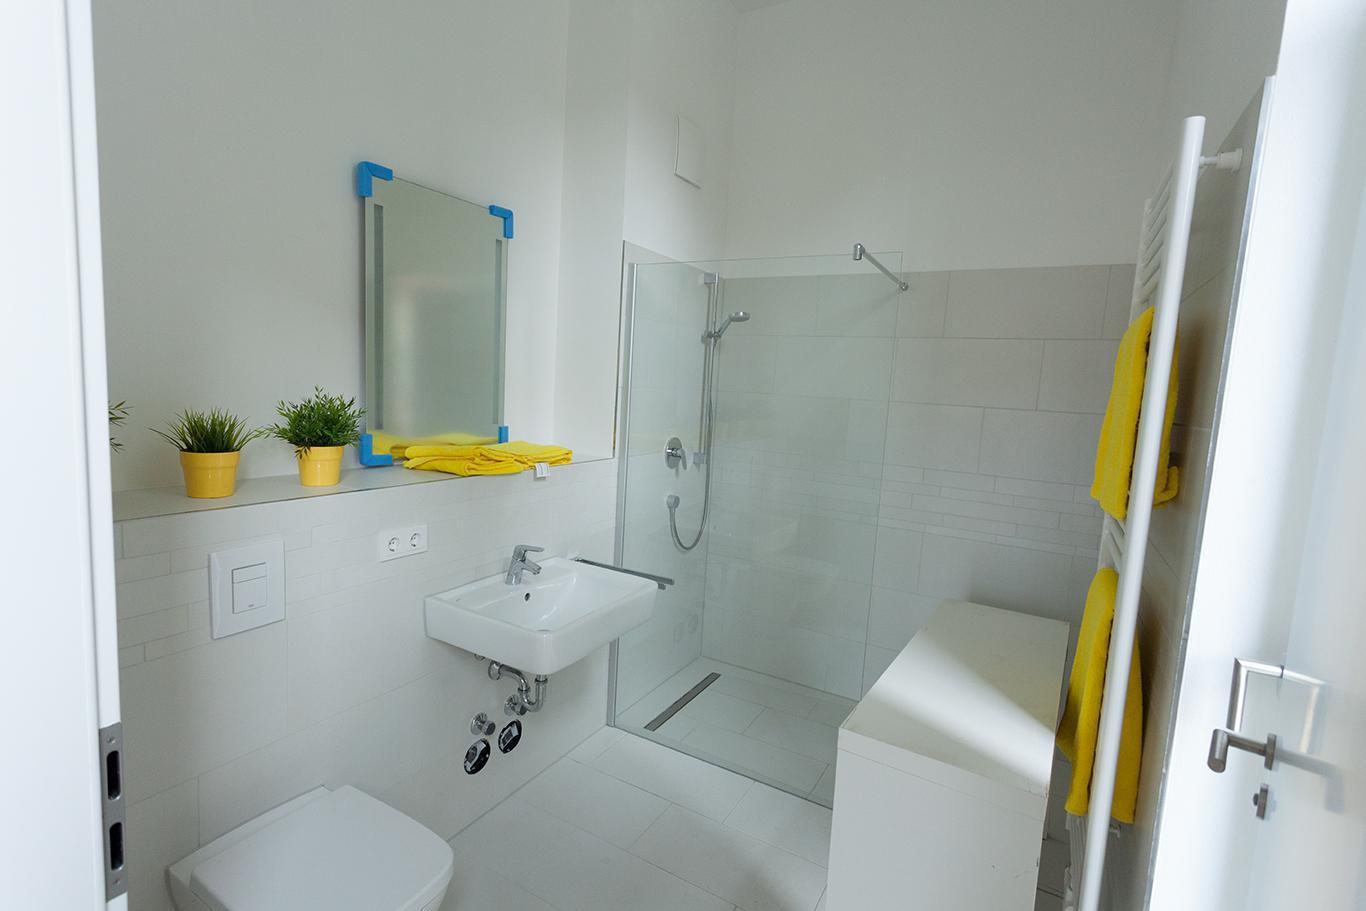 Badezimmer Mit Dusche Gelb Und Weiß #badezimmer #dusche ©Miracle Room